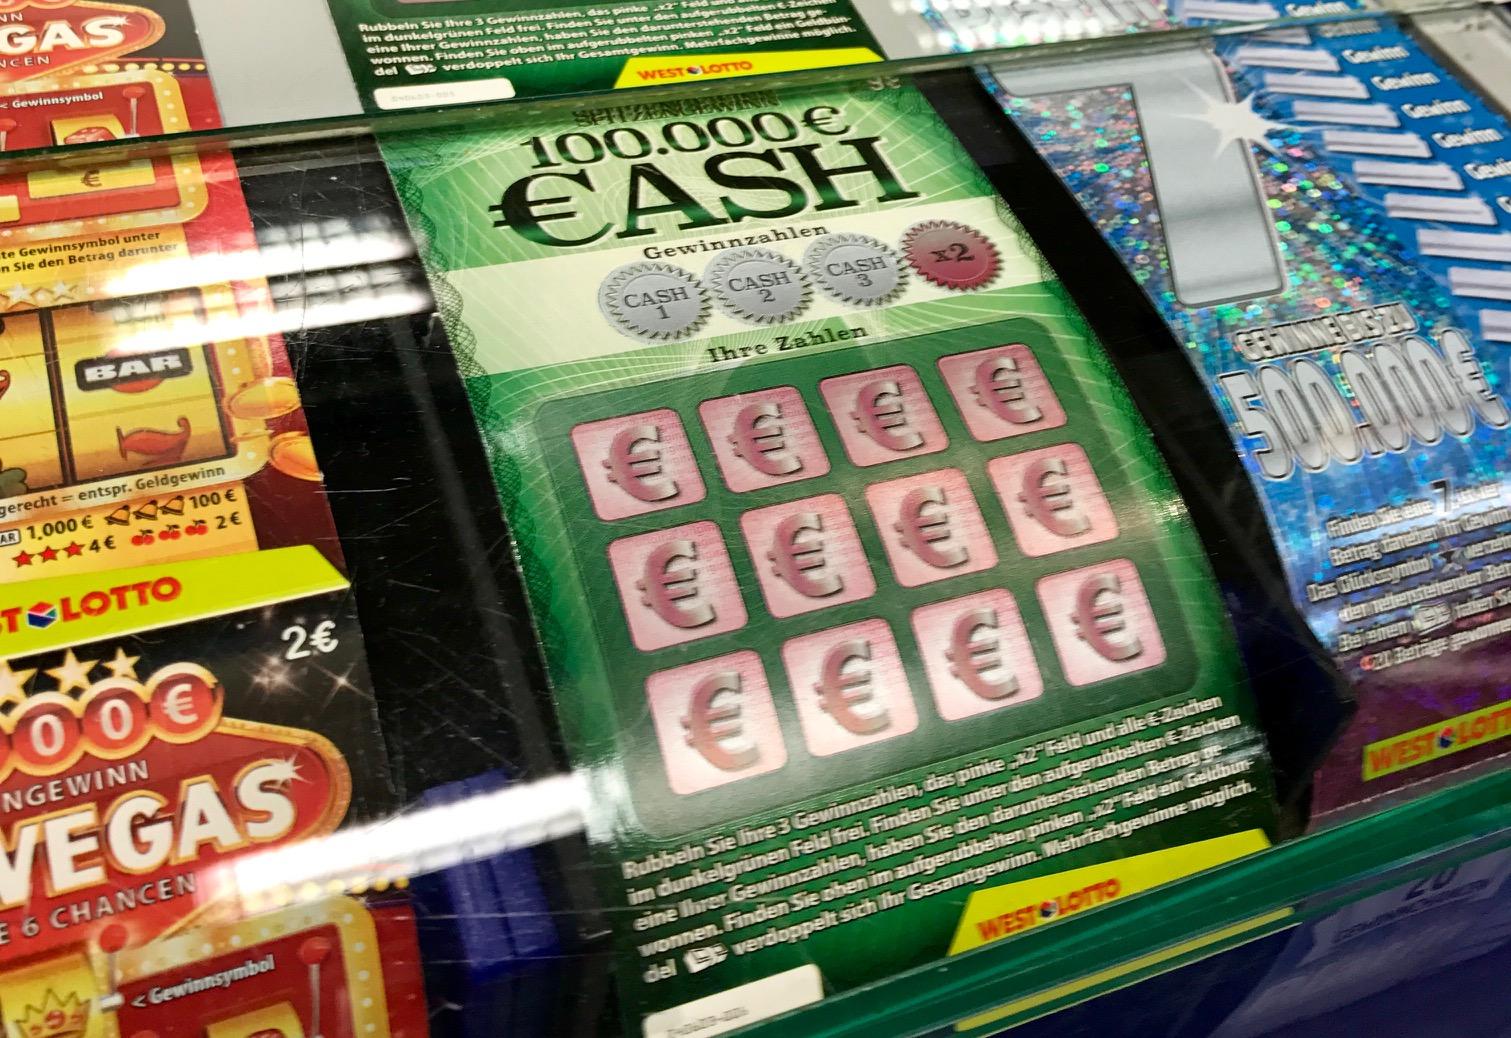 Bei Welchem Lotto Ist Die Gewinnchance Am Höchsten